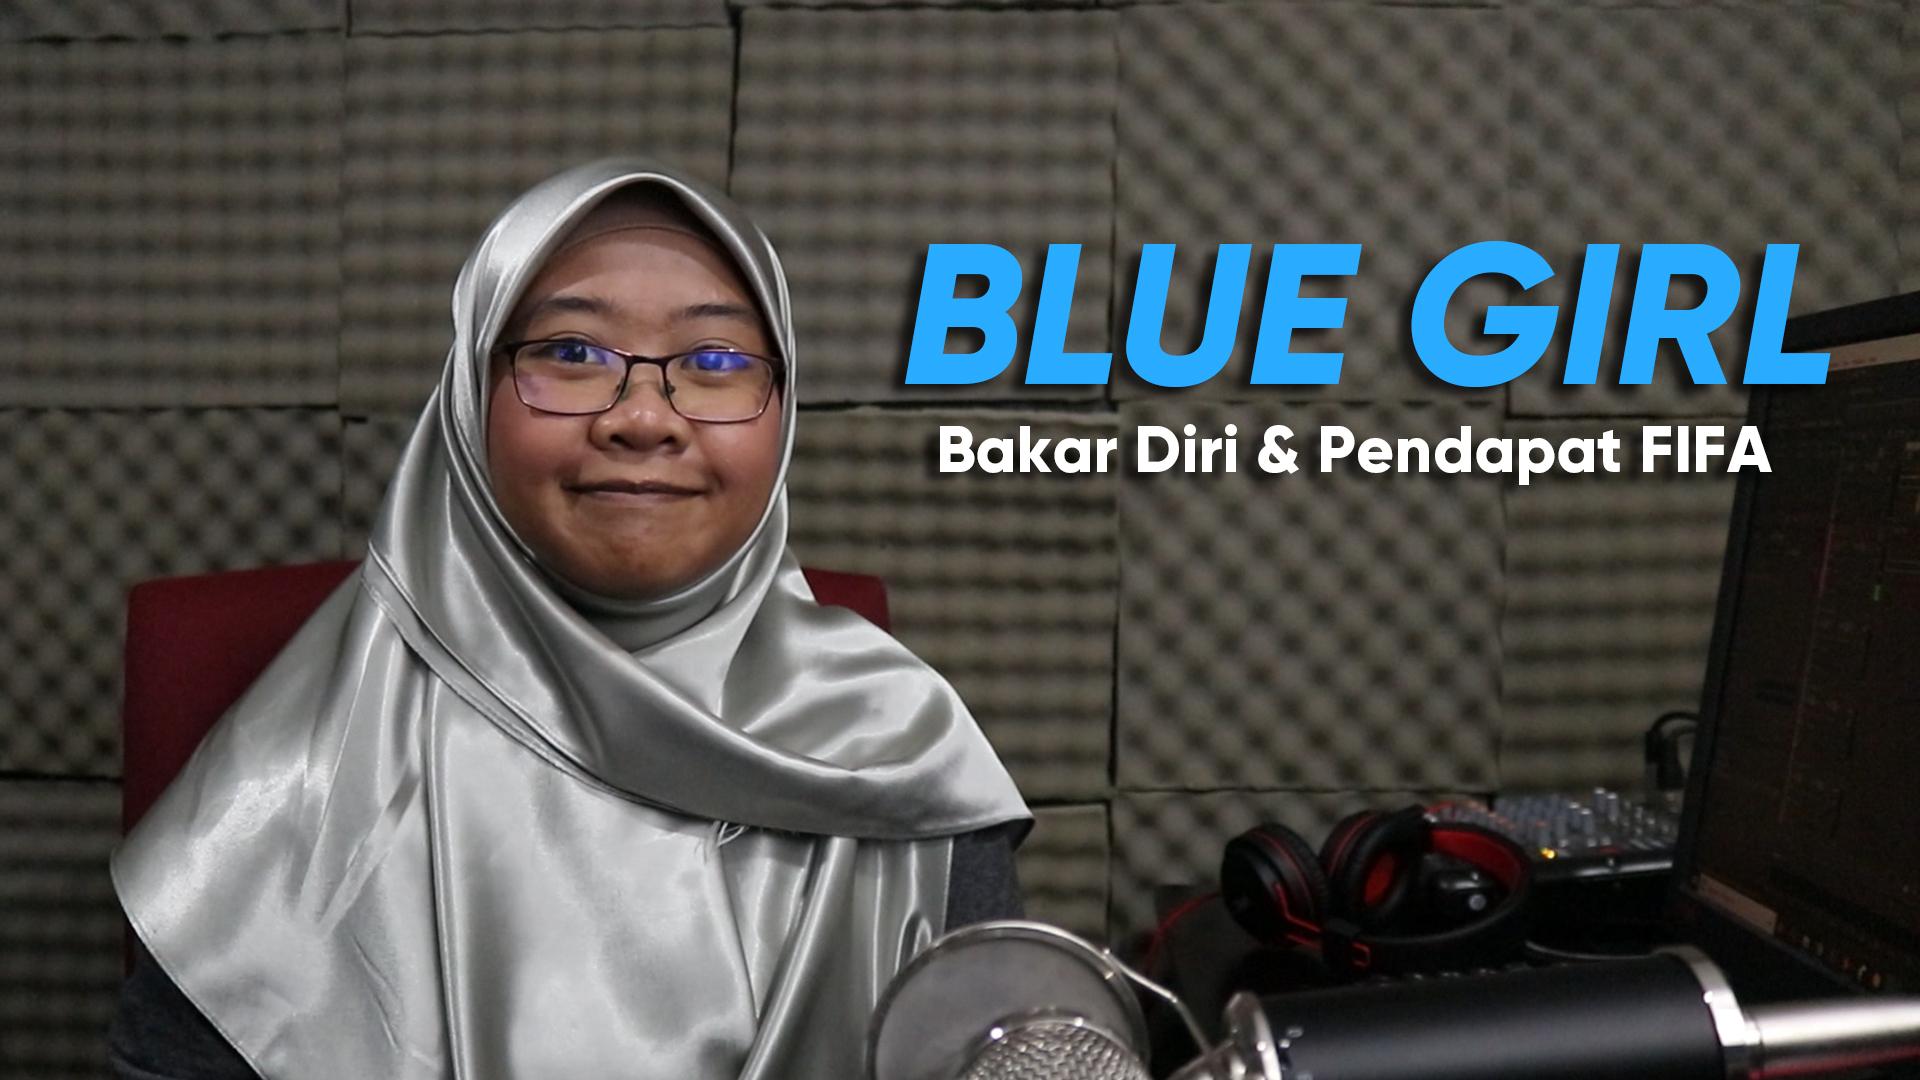 Blue Girl – Bakar Diri & Pendapat FIFA